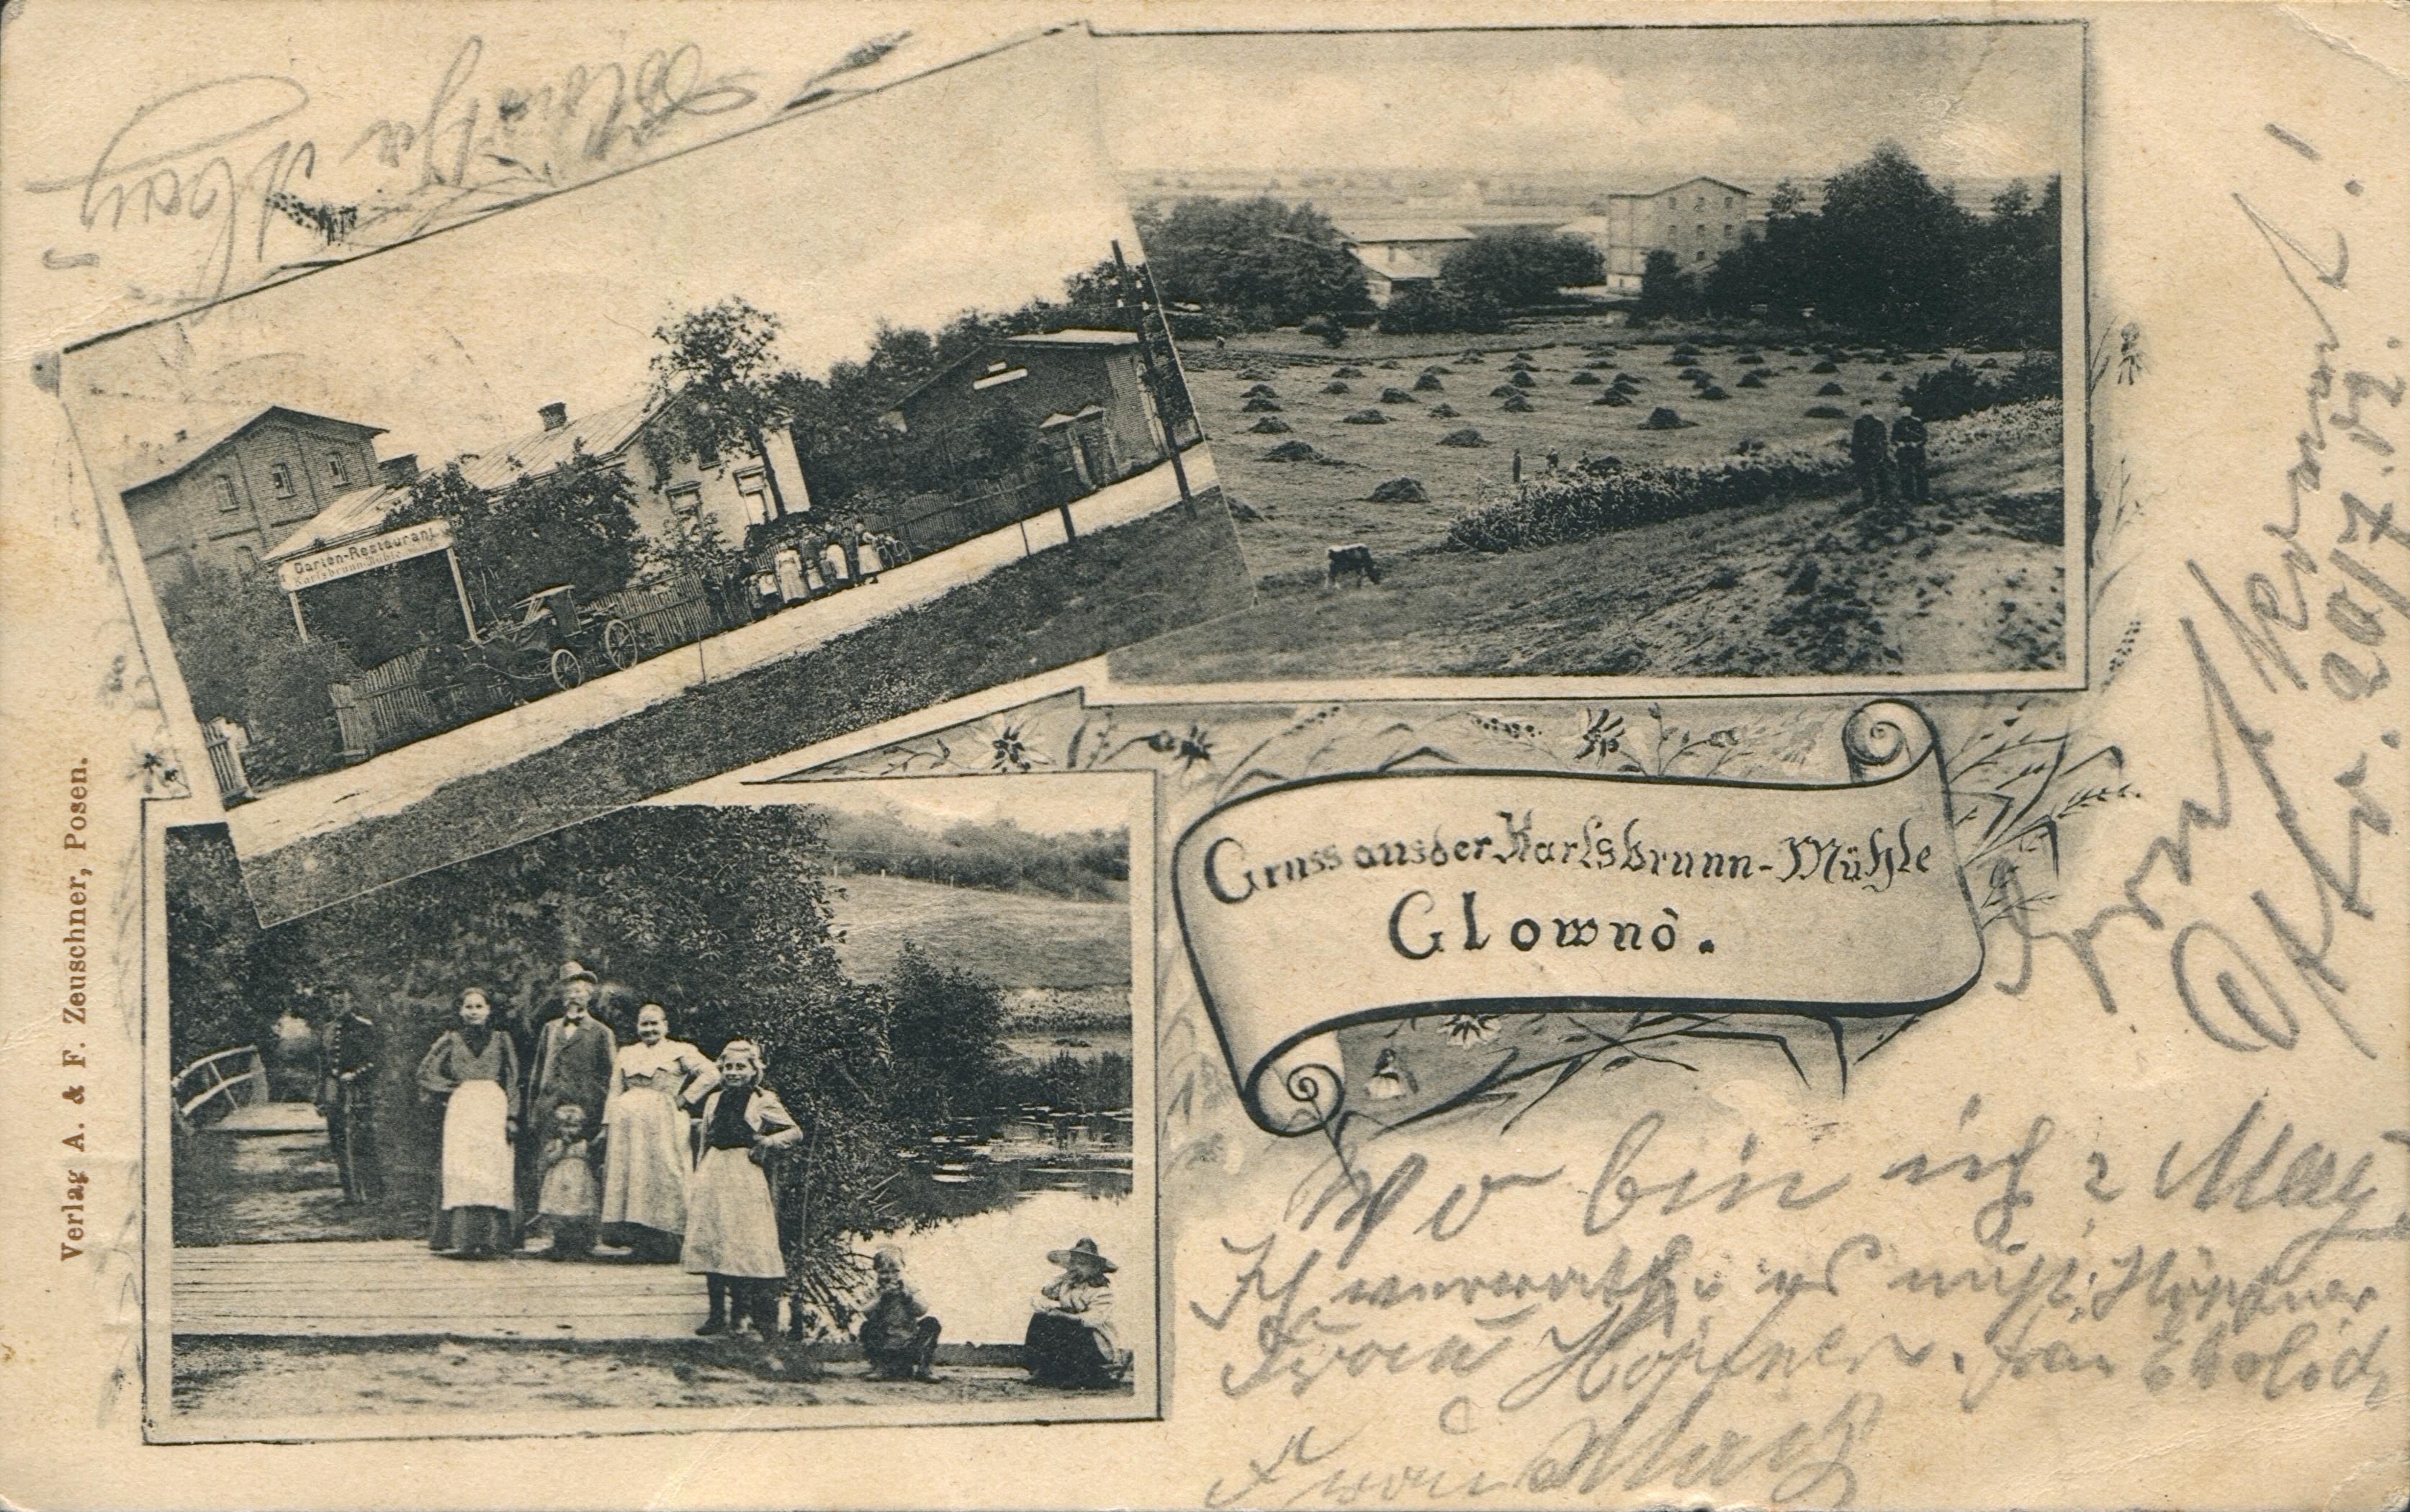 Gruss aus der Karlsbruun Mühle Glowno. Ze zbiorów Biblioteki Uniwersyteckiej w Poznaniu.